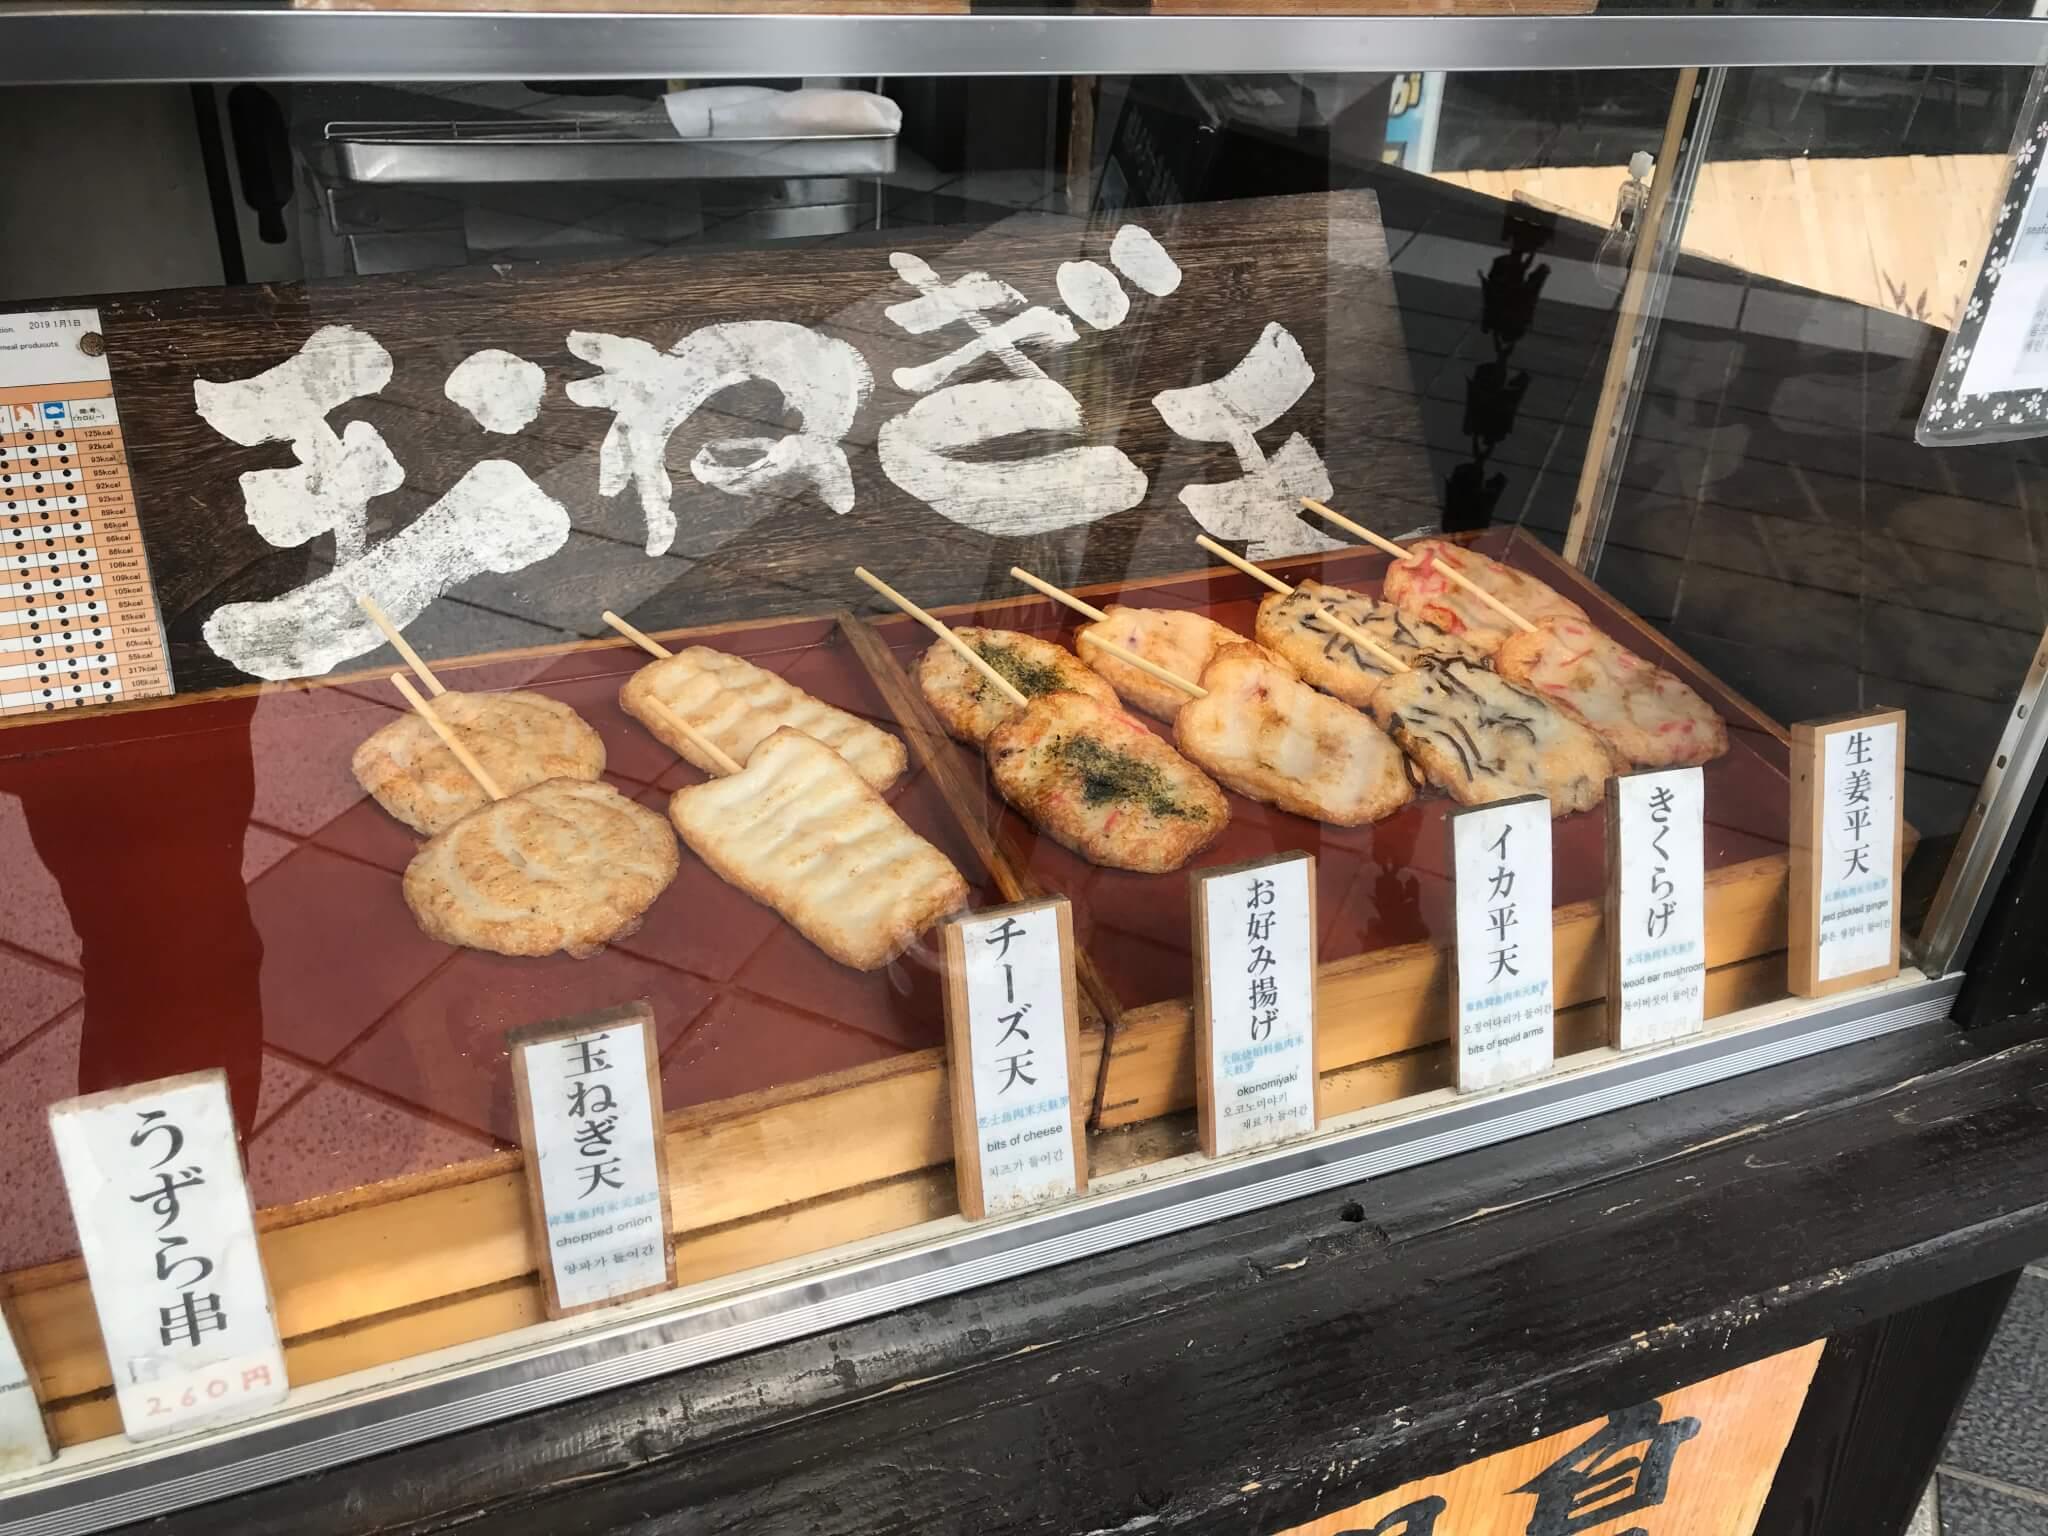 岸和田サービスエリア 売店の天ぷら